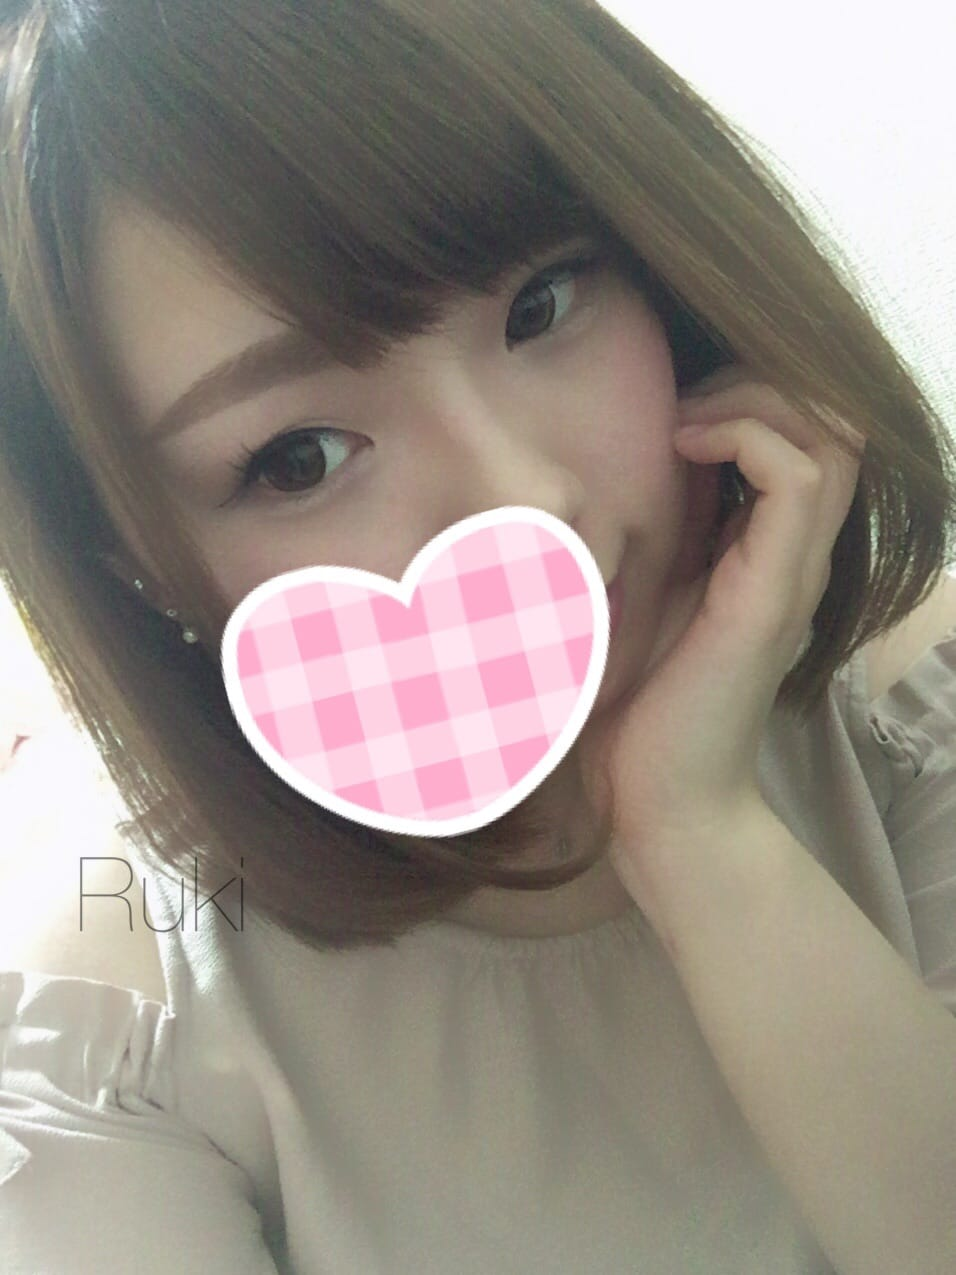 るき 癒し系HカップGIRL「おはよ」09/22(金) 12:43 | るき 癒し系HカップGIRLの写メ・風俗動画